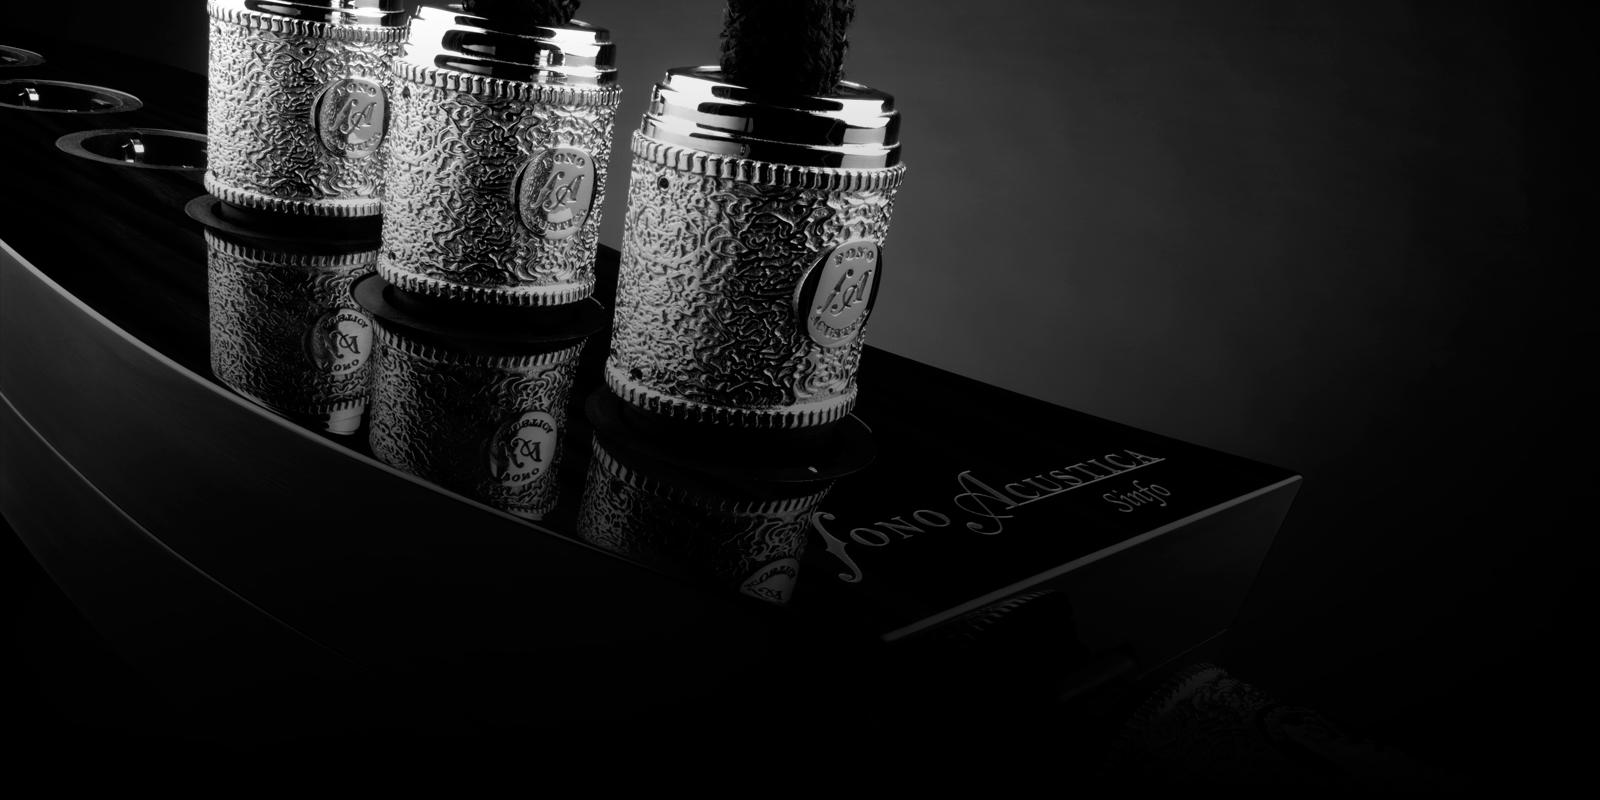 Fono acústica mezcla  elegante diseño, artesanía y tecnología